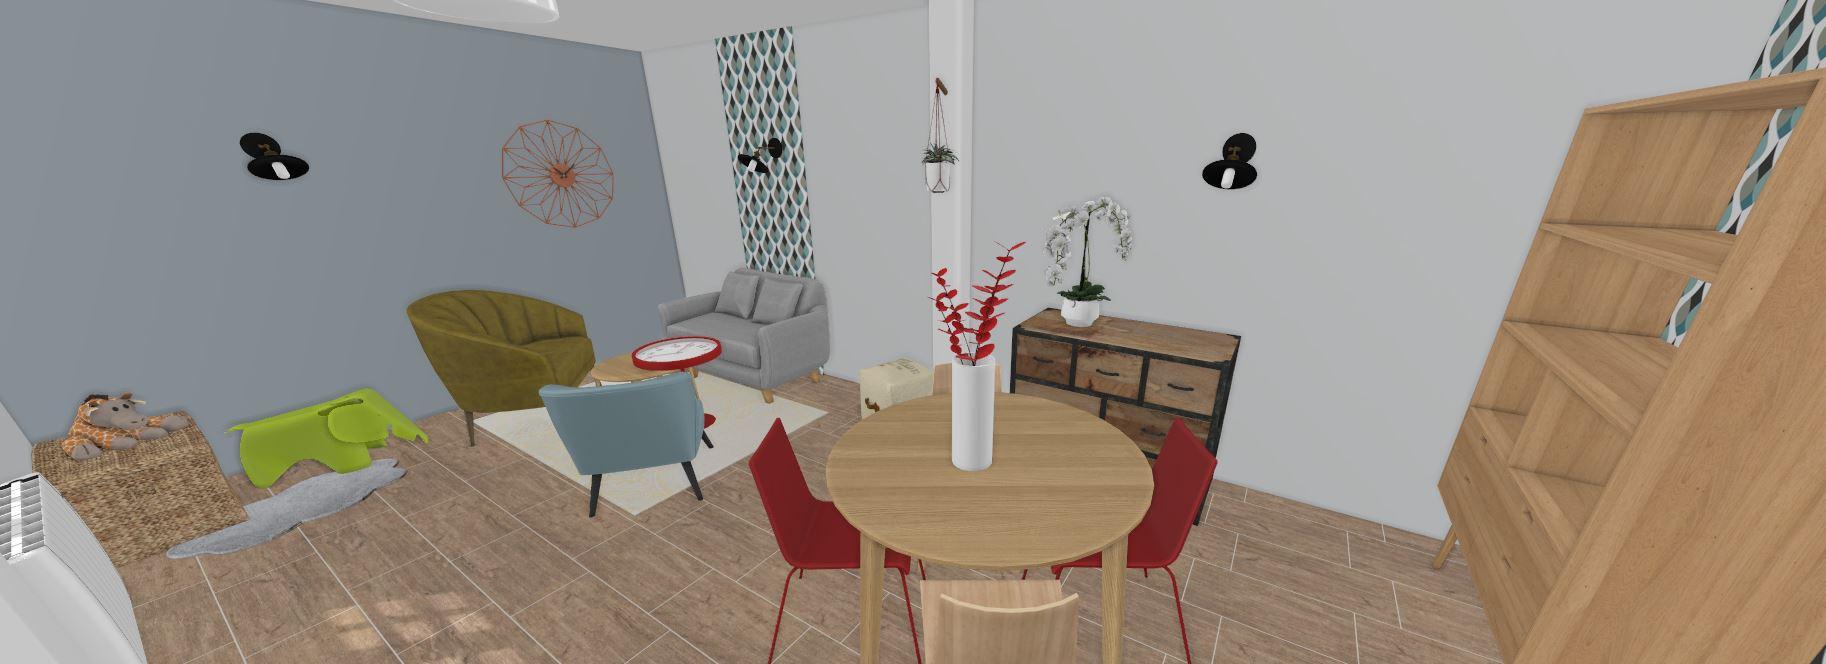 intérieur_salon_1